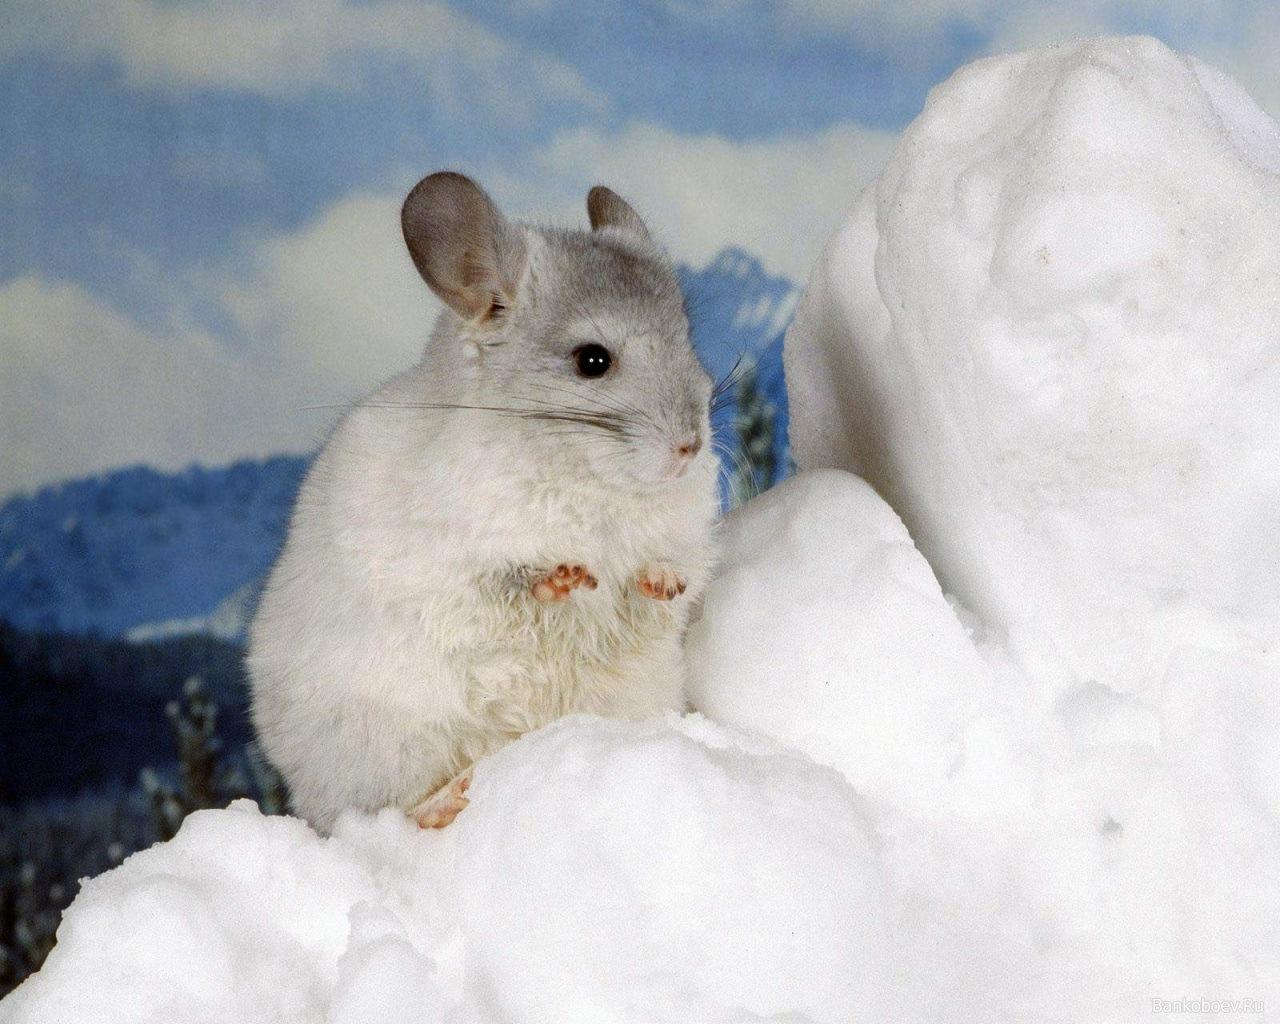 8751 Hintergrundbild herunterladen Tiere, Nagetiere, Hamster - Bildschirmschoner und Bilder kostenlos